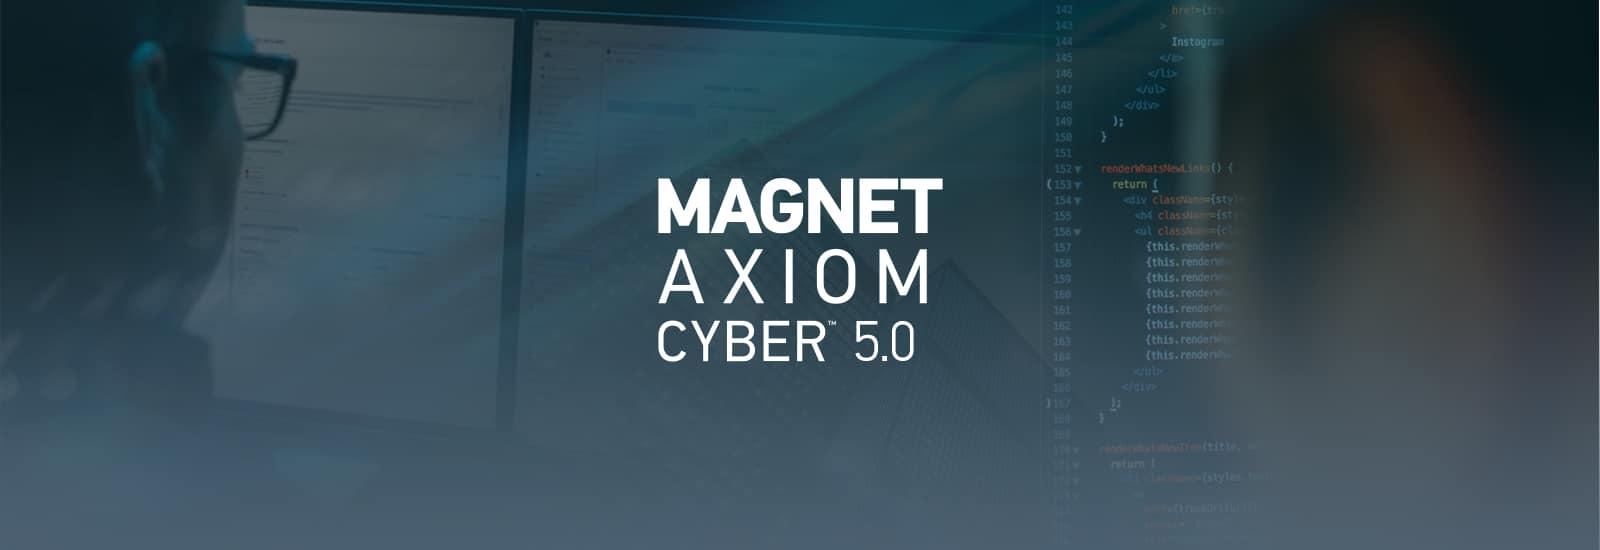 AXIOM Cyber 5.0